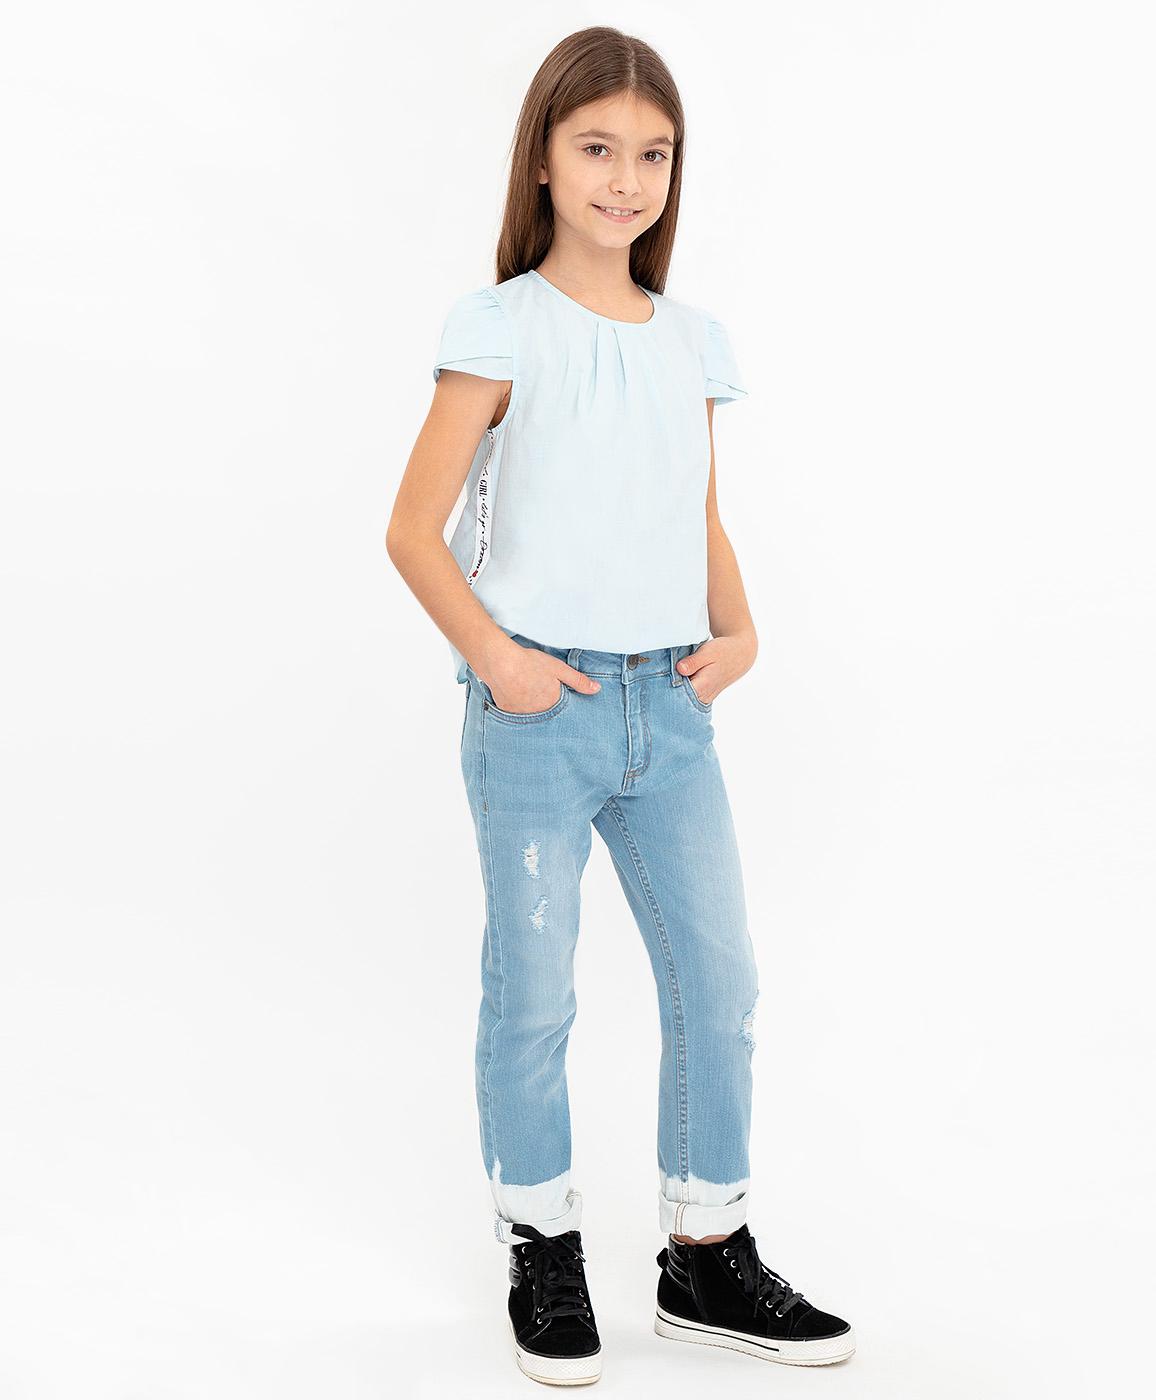 Джинсы для девочек Button Blue, цв. голубой, р-р 110 фото